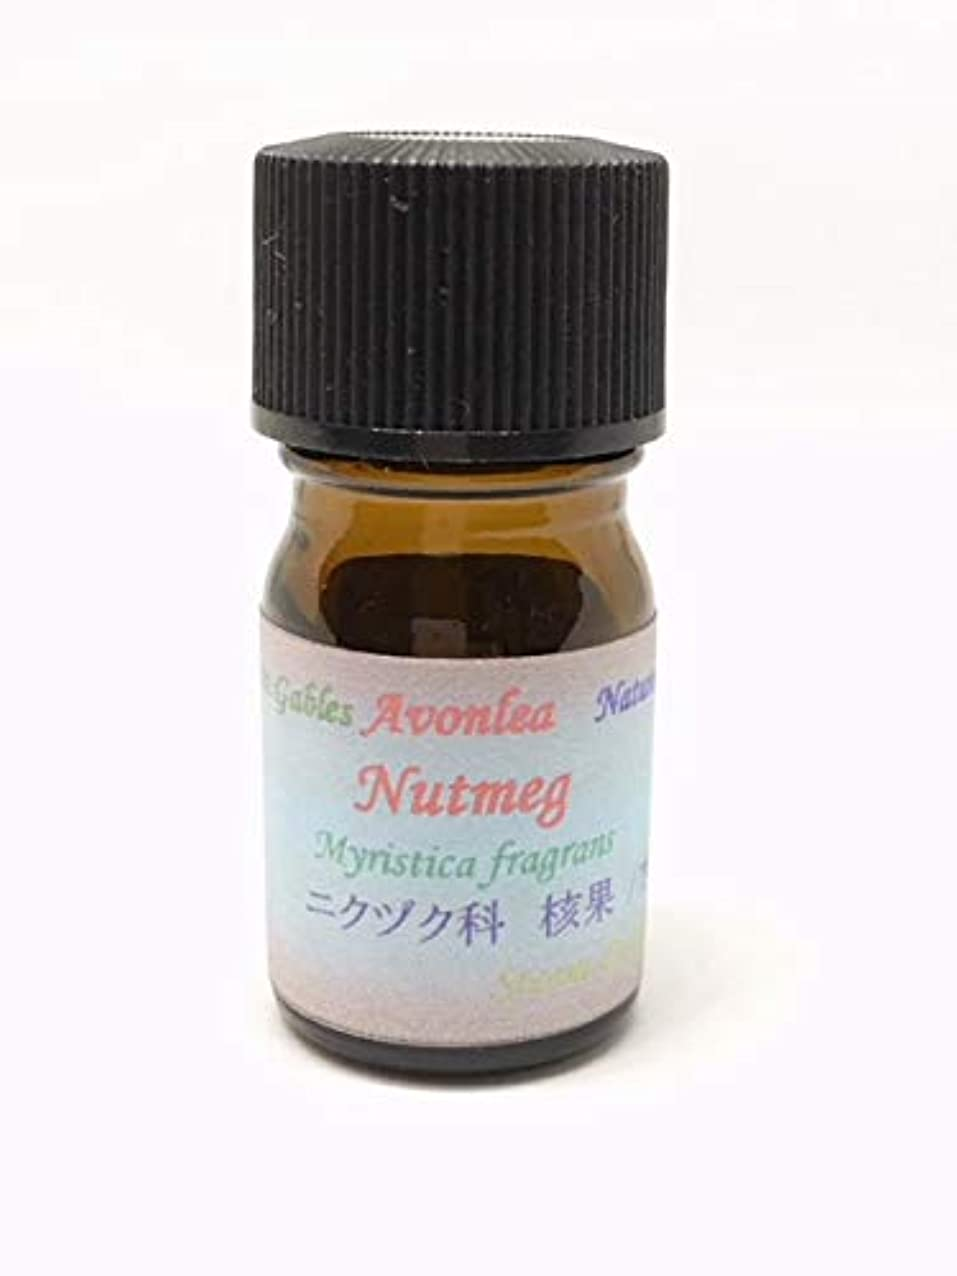 主観的囚人苦しみナツメグ 100% ピュア エッセンシャルオイル 高級精油 15ml Nutmeg